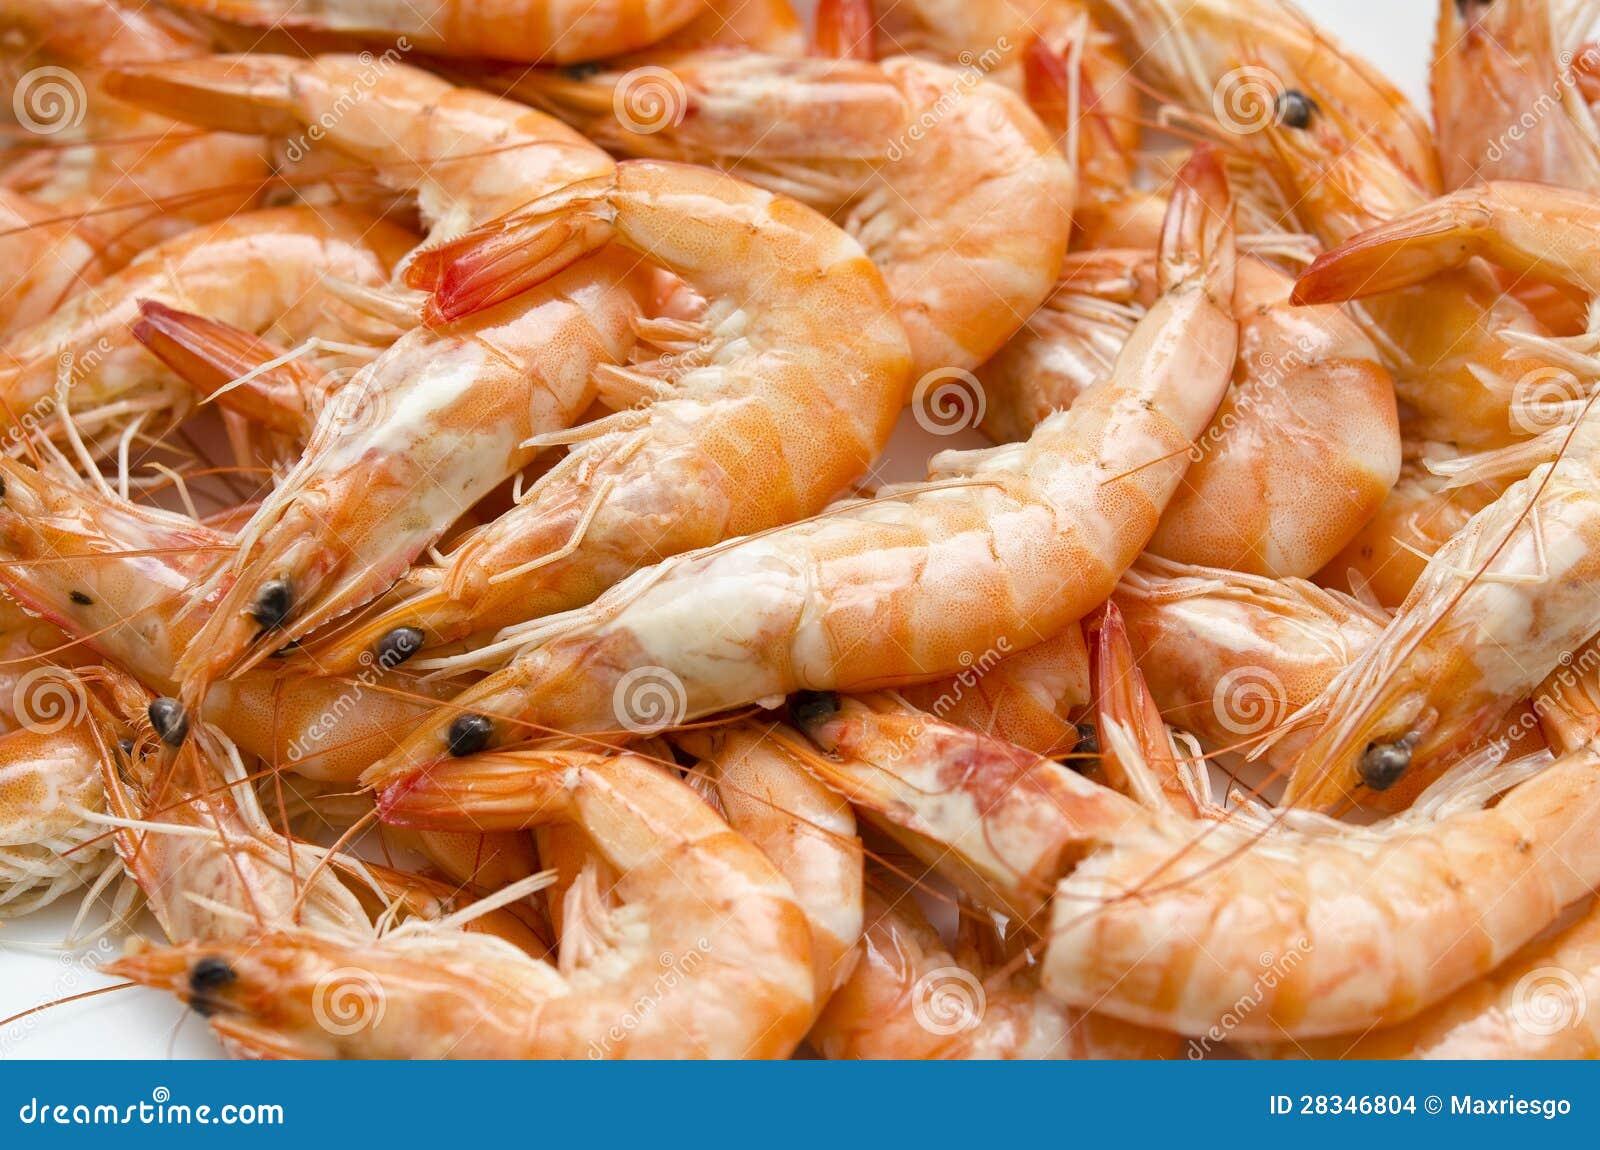 Shrimp Texture Stock Images - Image: 28346804